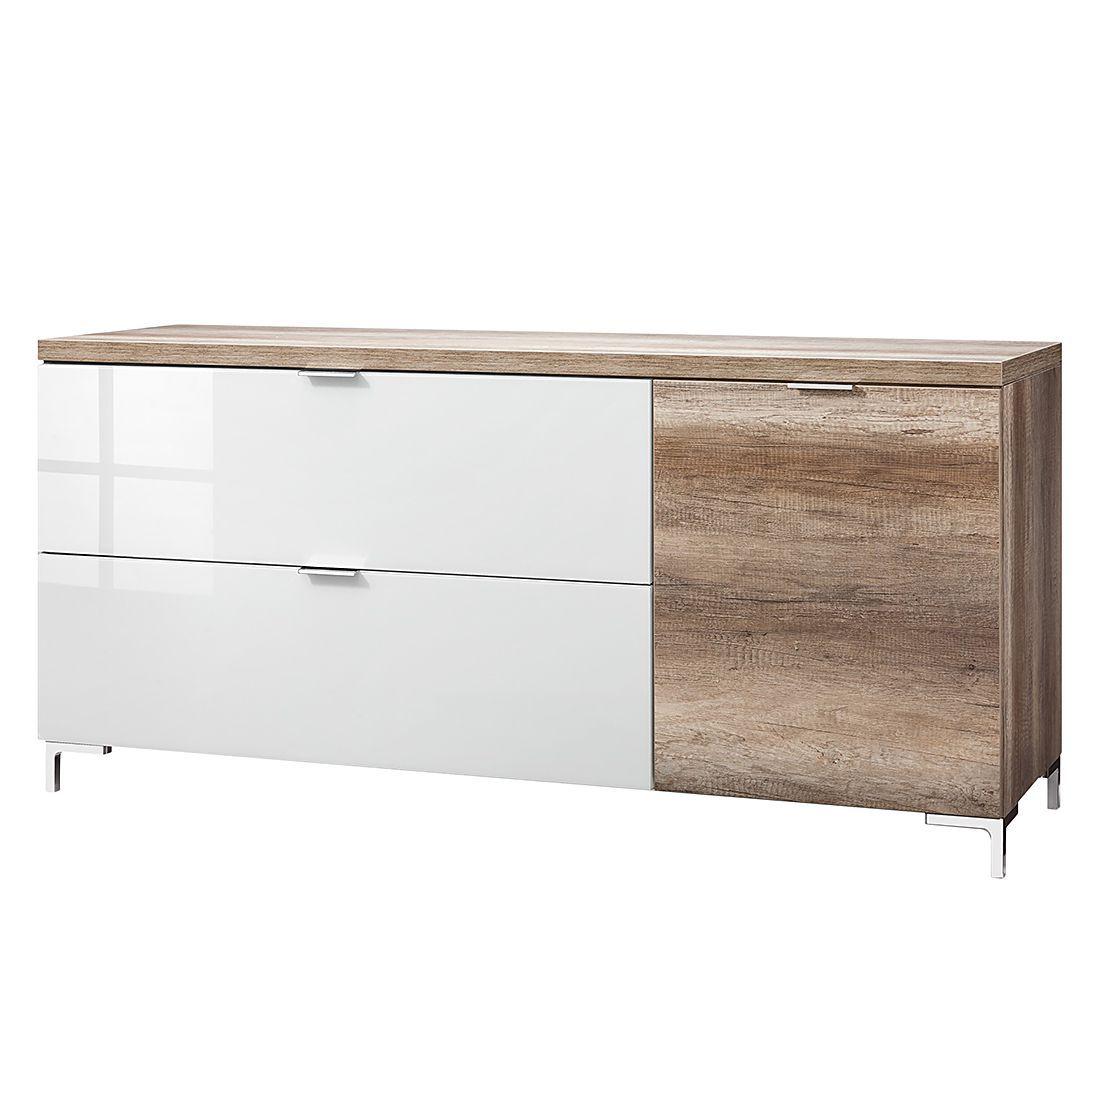 Sideboard Cleo II   Wildeiche Dekor/Weißglas Front, Cs Schmal Möbel,  Wohnzimmer, Kommoden U0026 Sideboards, Cs Schmal Jetzt Bestellen Unter: ...